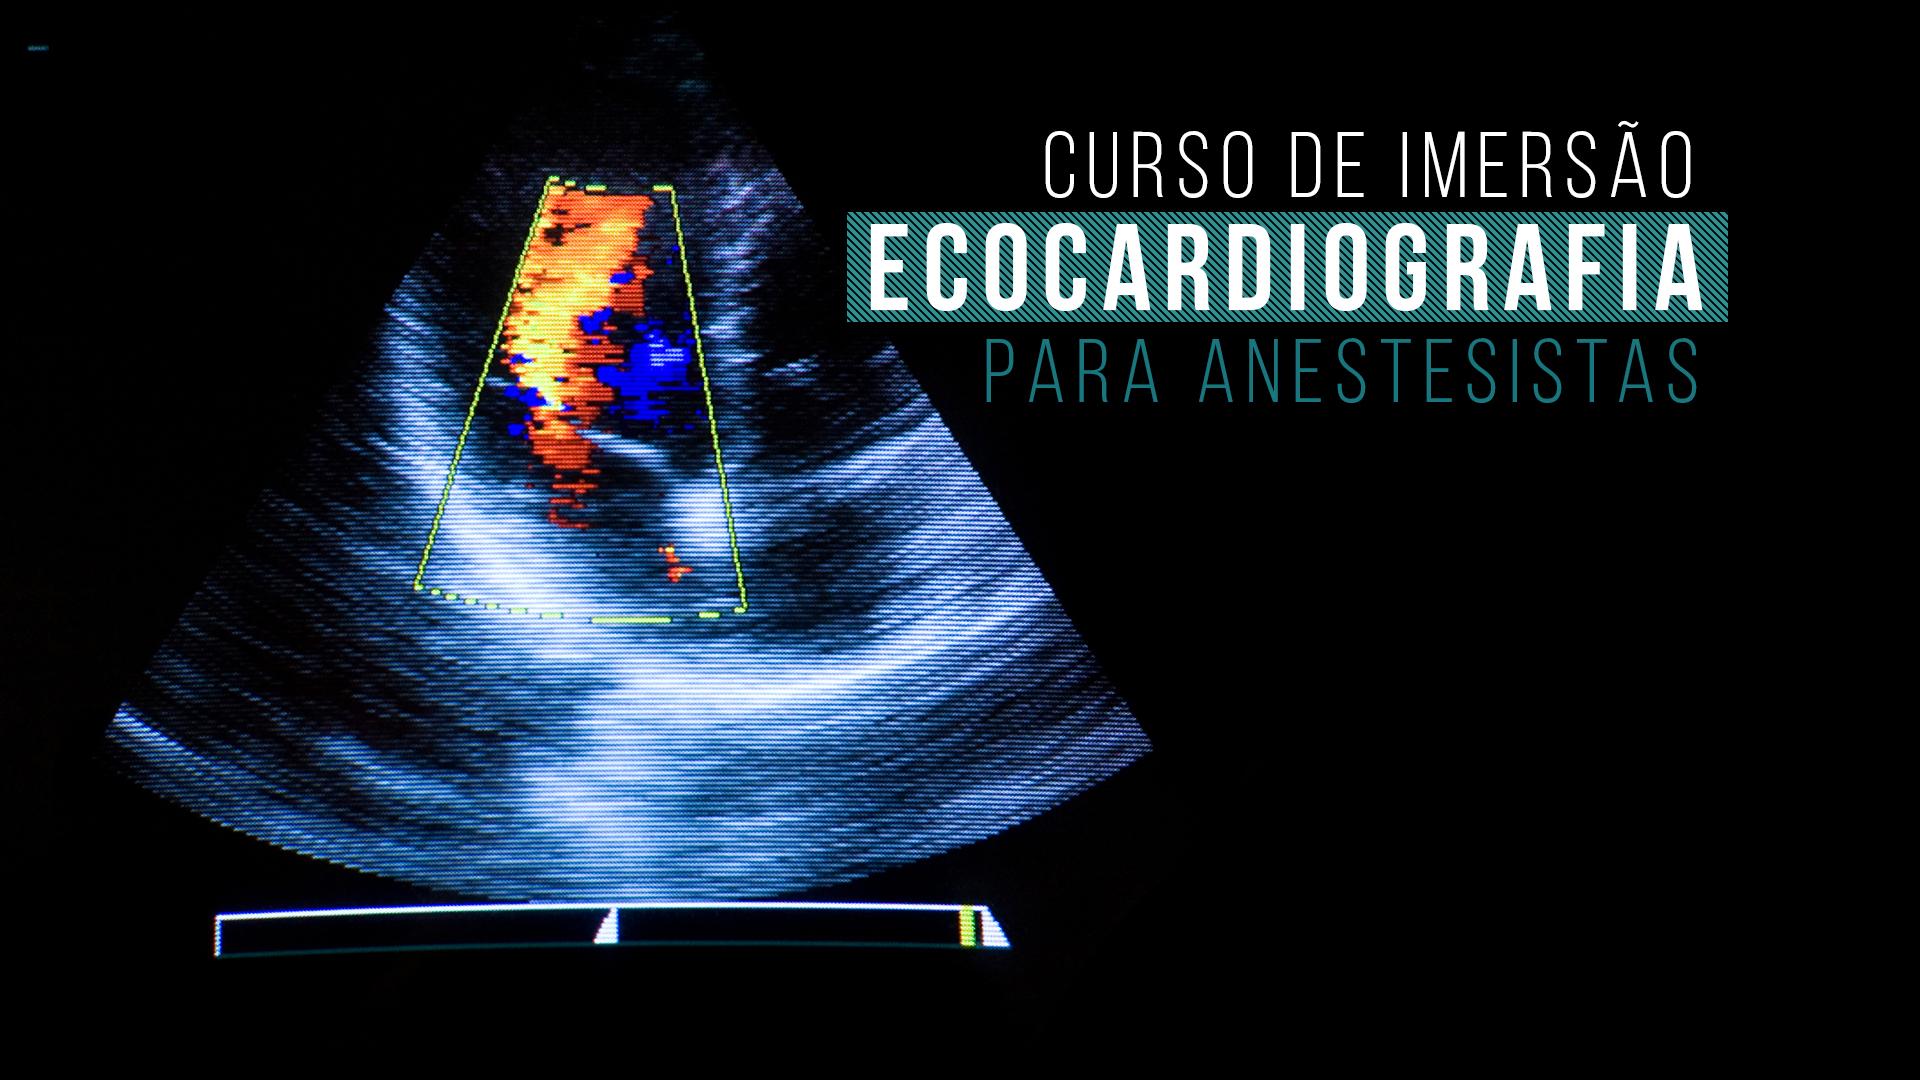 Curso de Imersão em Ecocardiografia para Anestesistas Veterinários